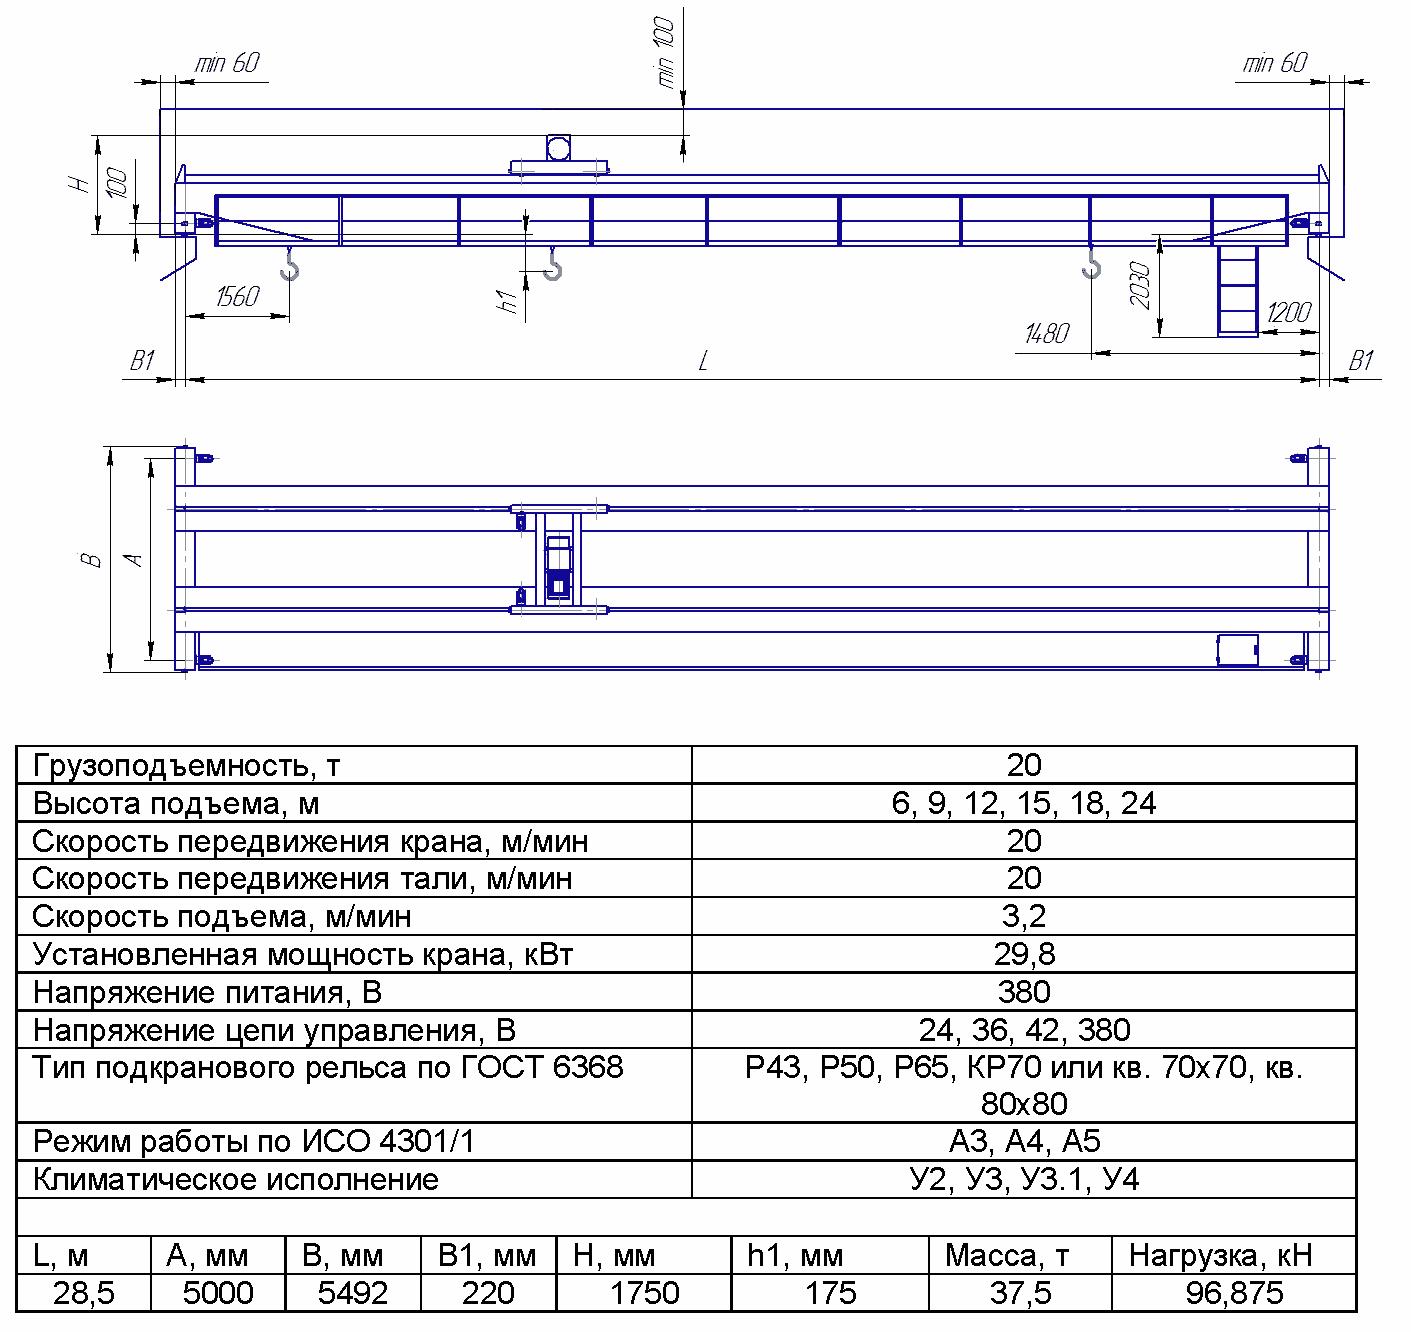 KMON 5 7 - Опорный мостовой кран общего назначения